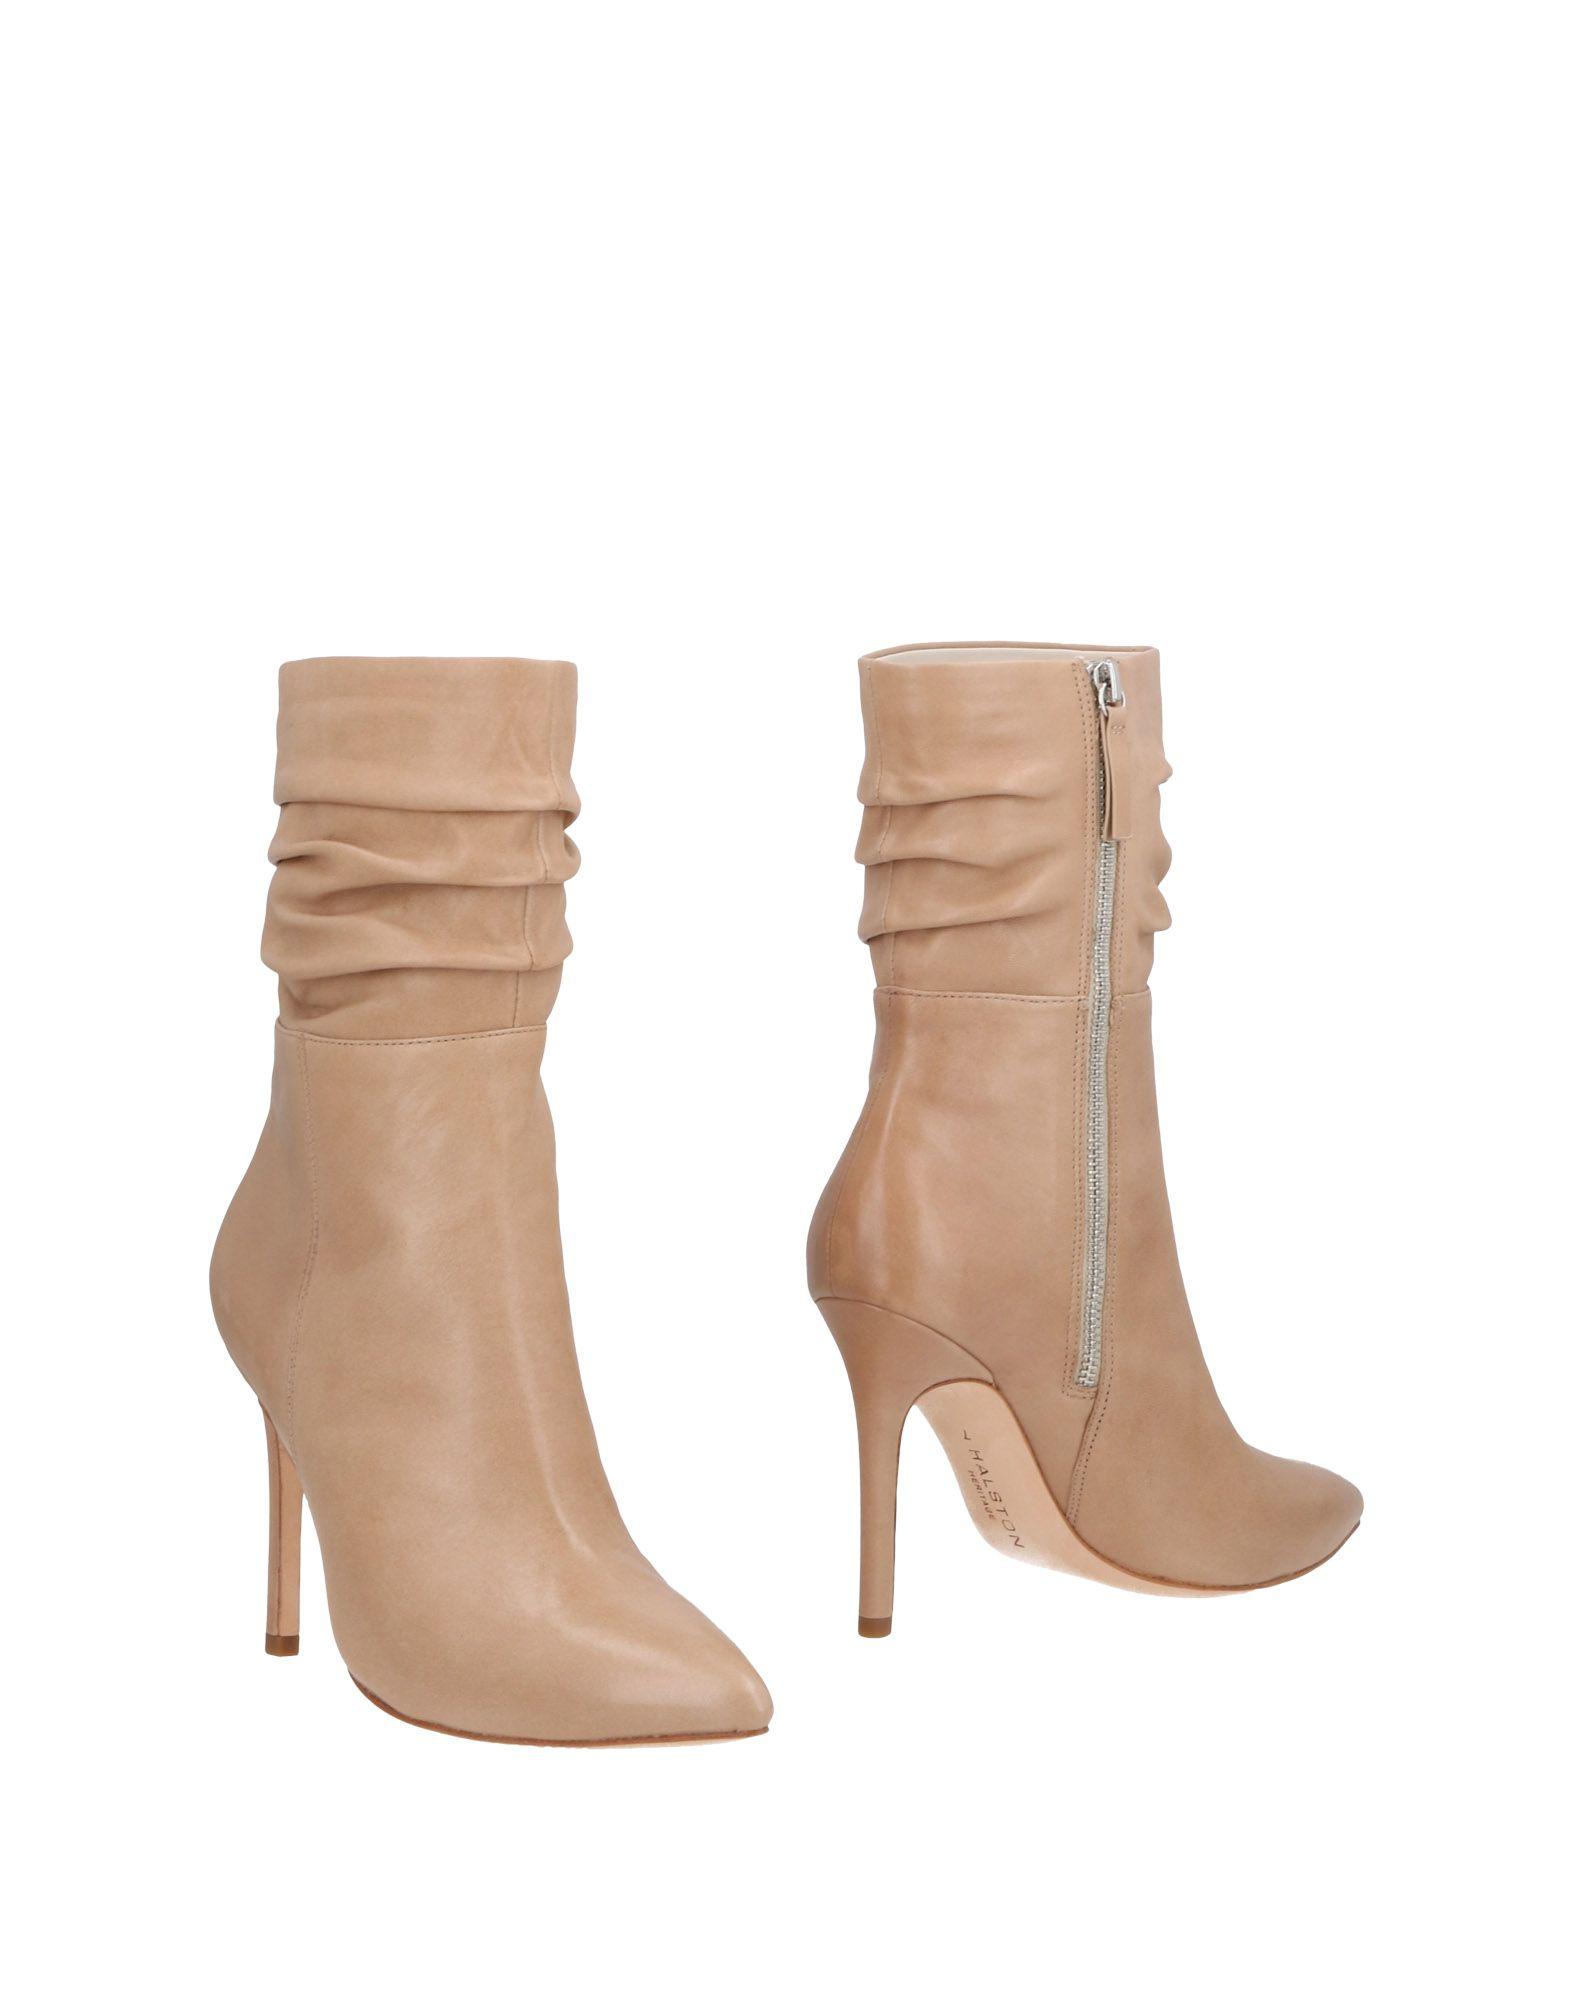 Halston Heritage Stiefelette Damen  11480565JHGünstige gut aussehende Schuhe